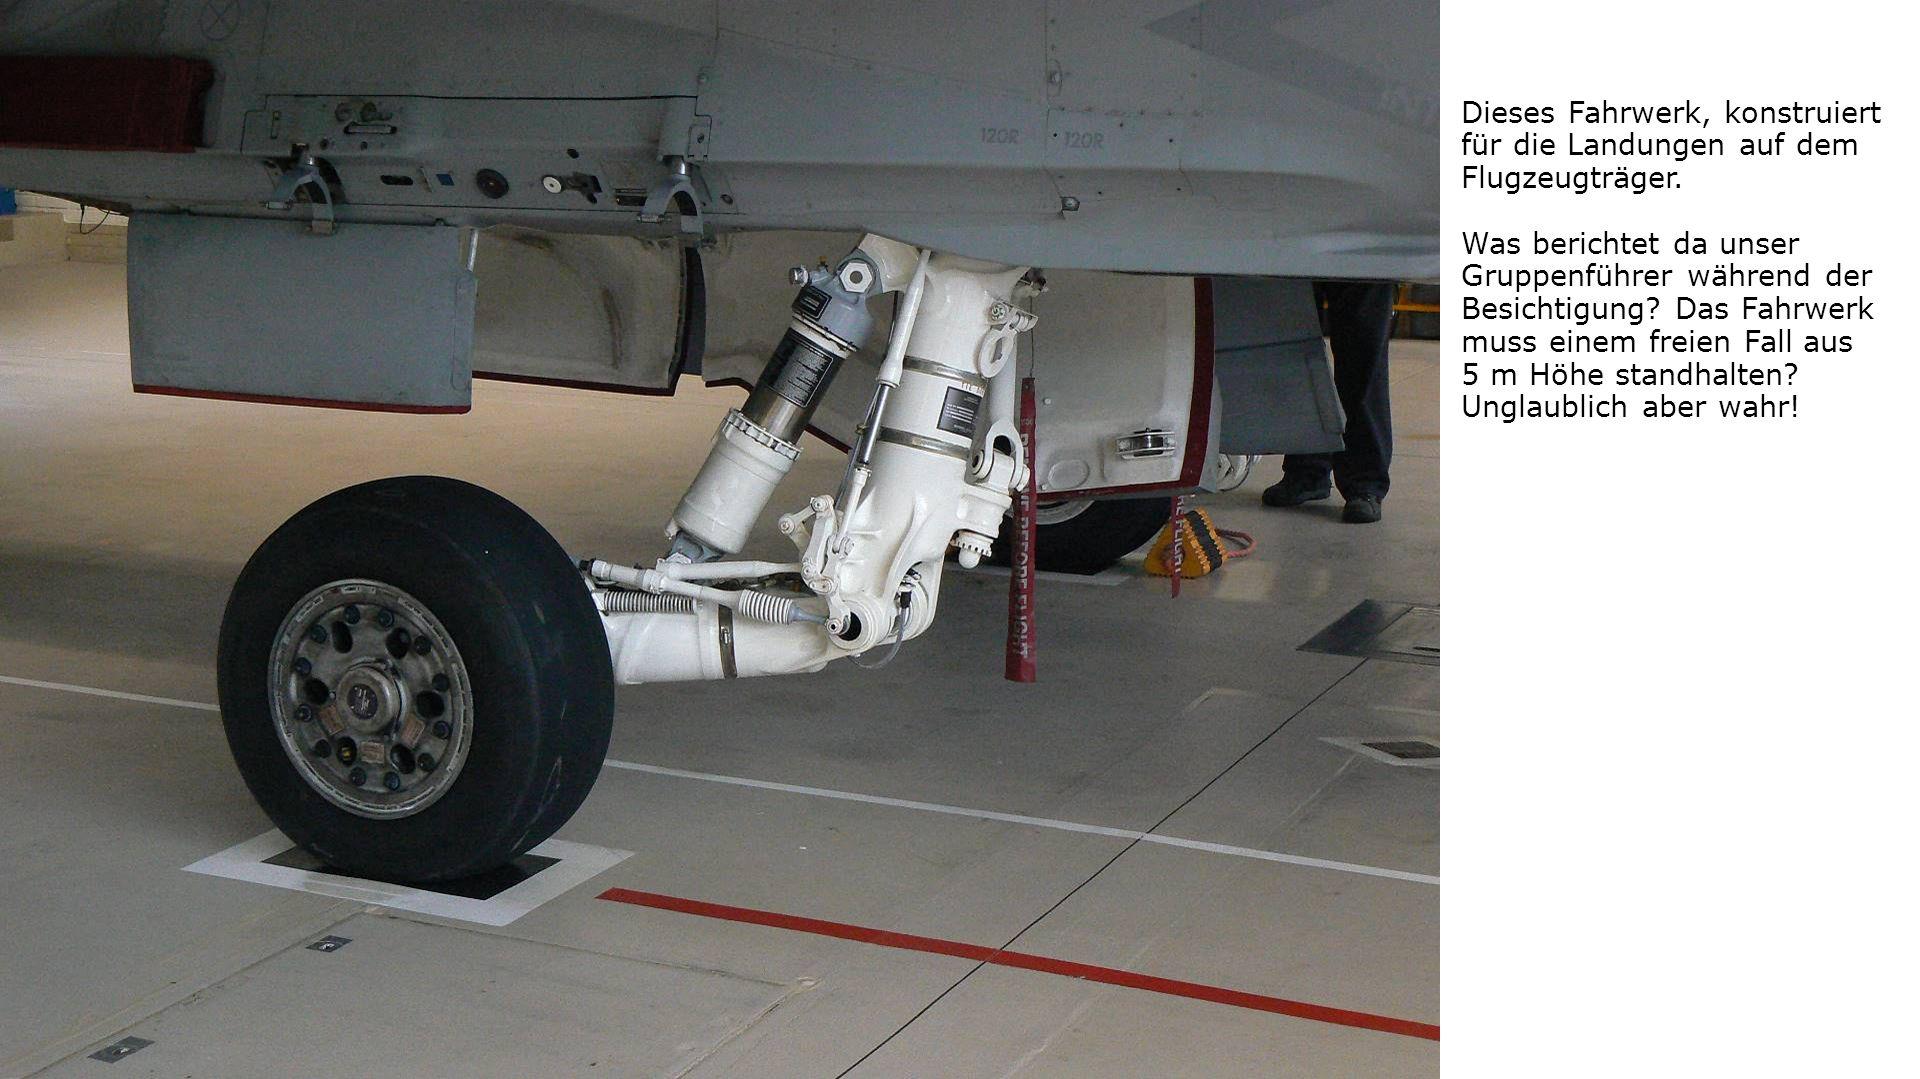 Dieses Fahrwerk, konstruiert für die Landungen auf dem Flugzeugträger.